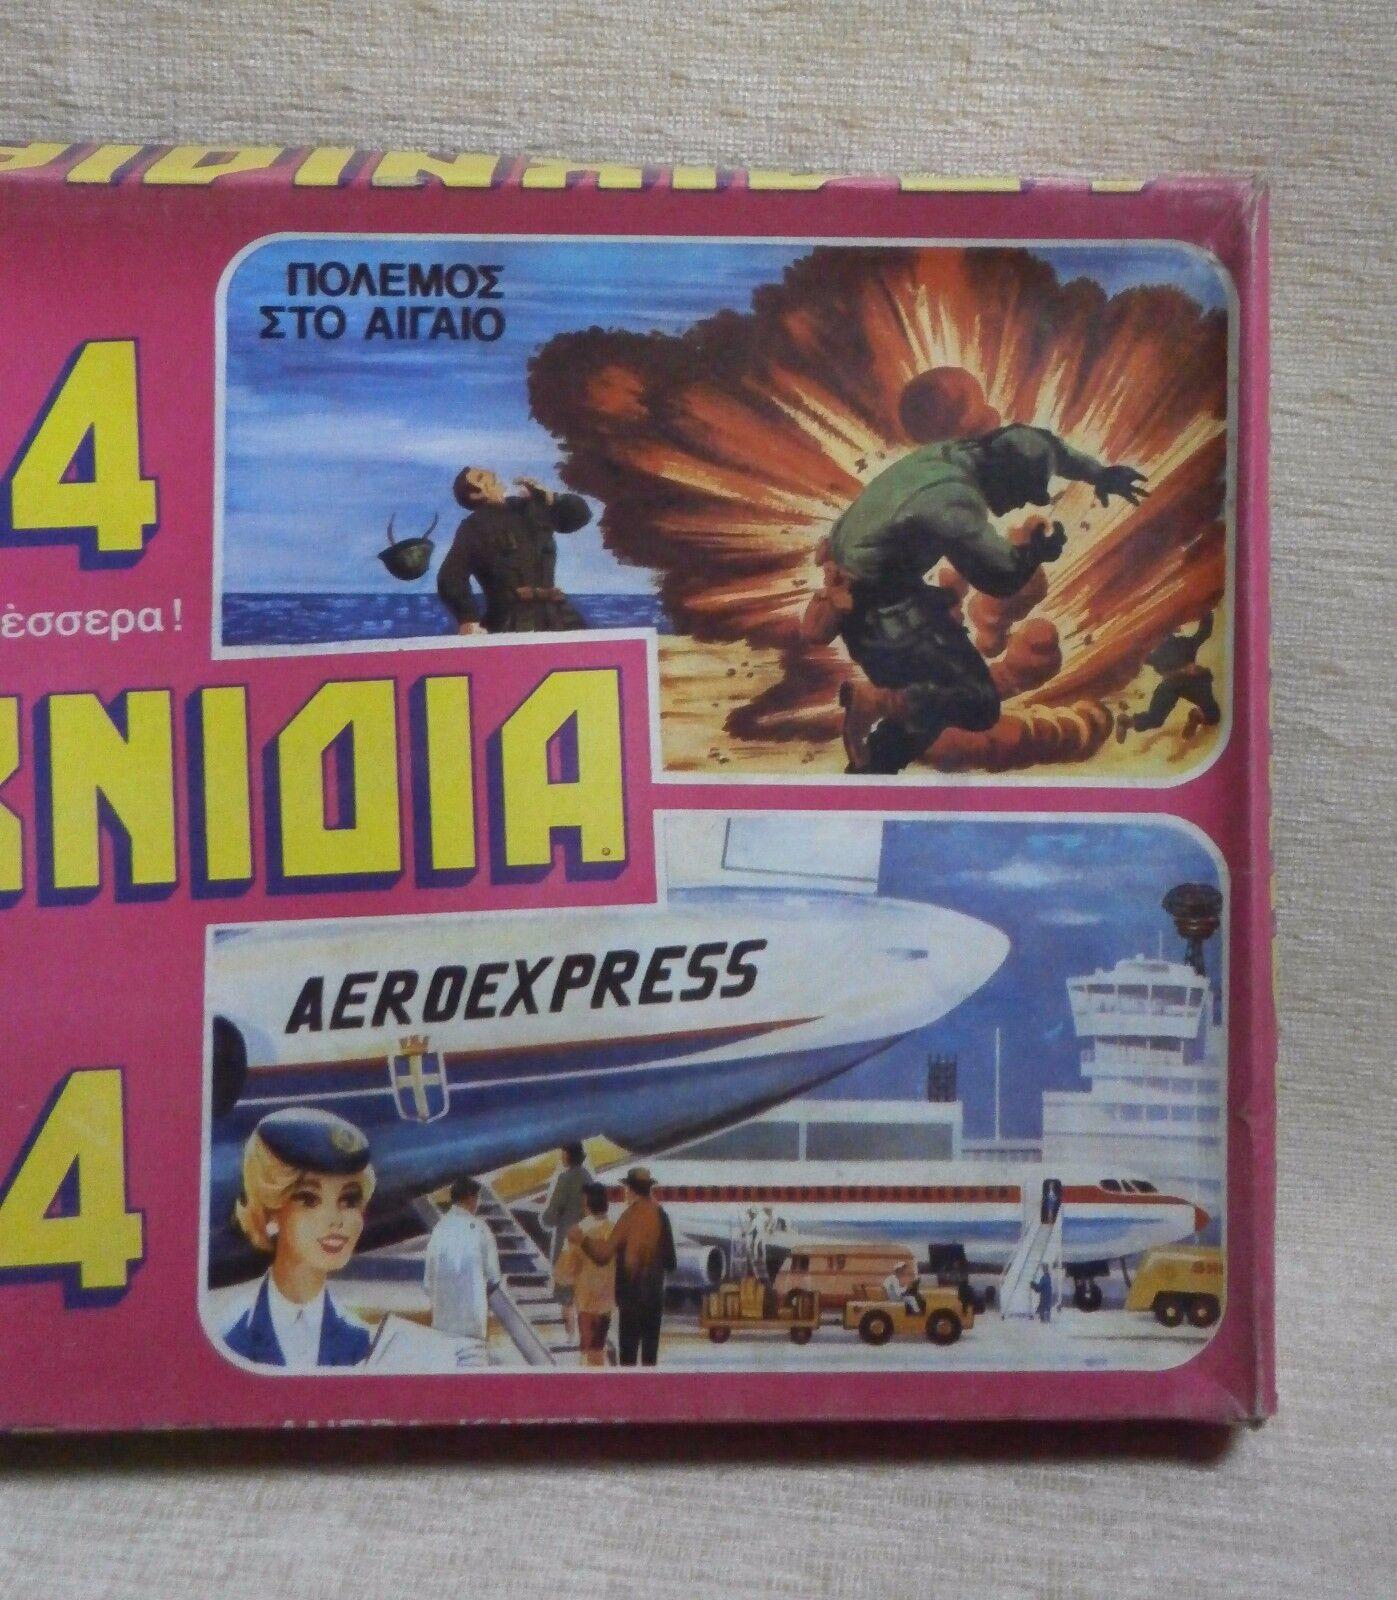 4 paihnidia  Nuovo con Scatola tavola gioco Anni'70 GRECO Polemos STO OLTREMARE GRe PRIX b26b29